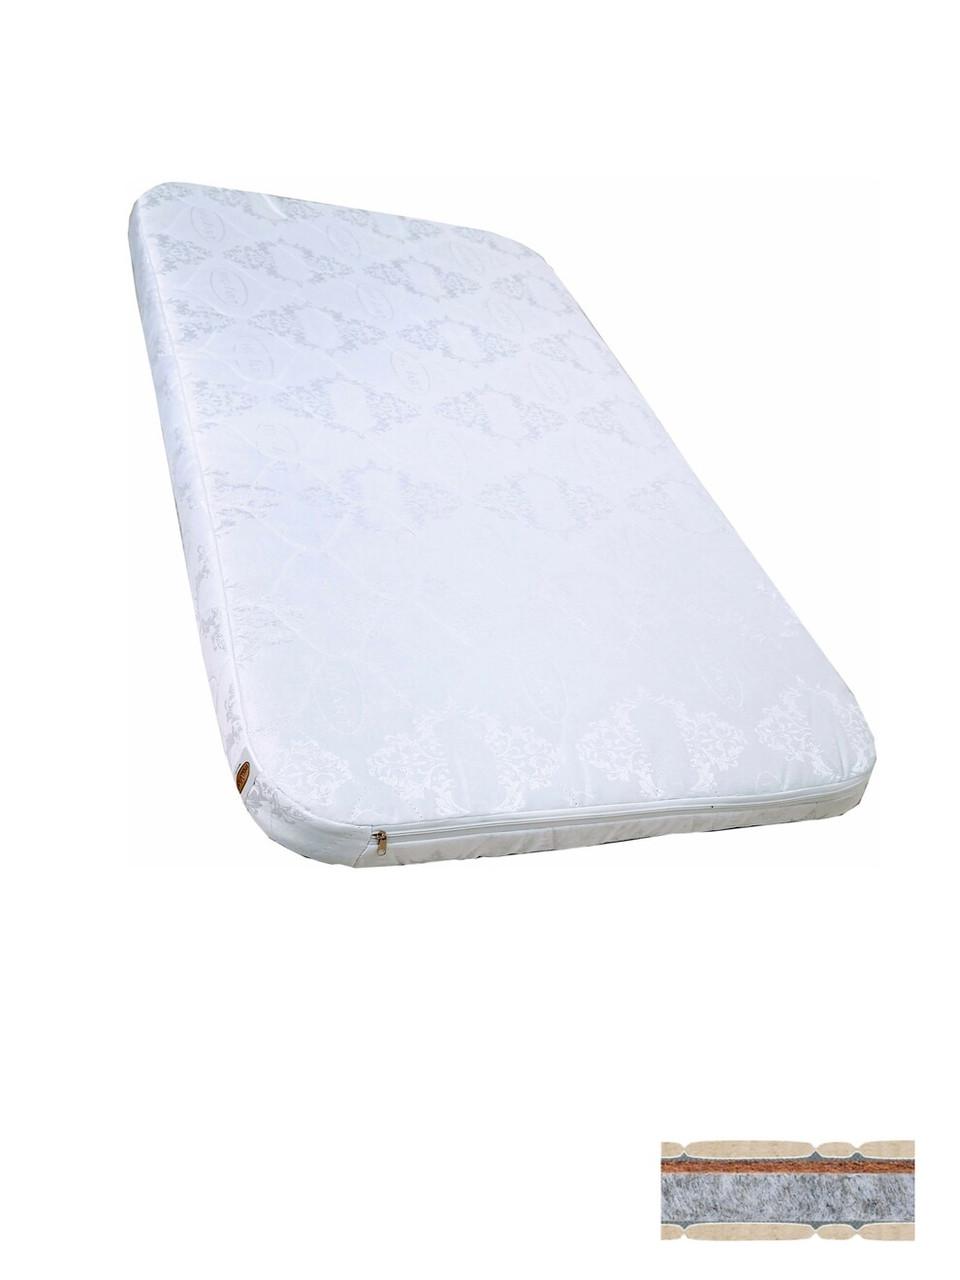 Матрас для кроватки Ника/ кокос + флексовойлок